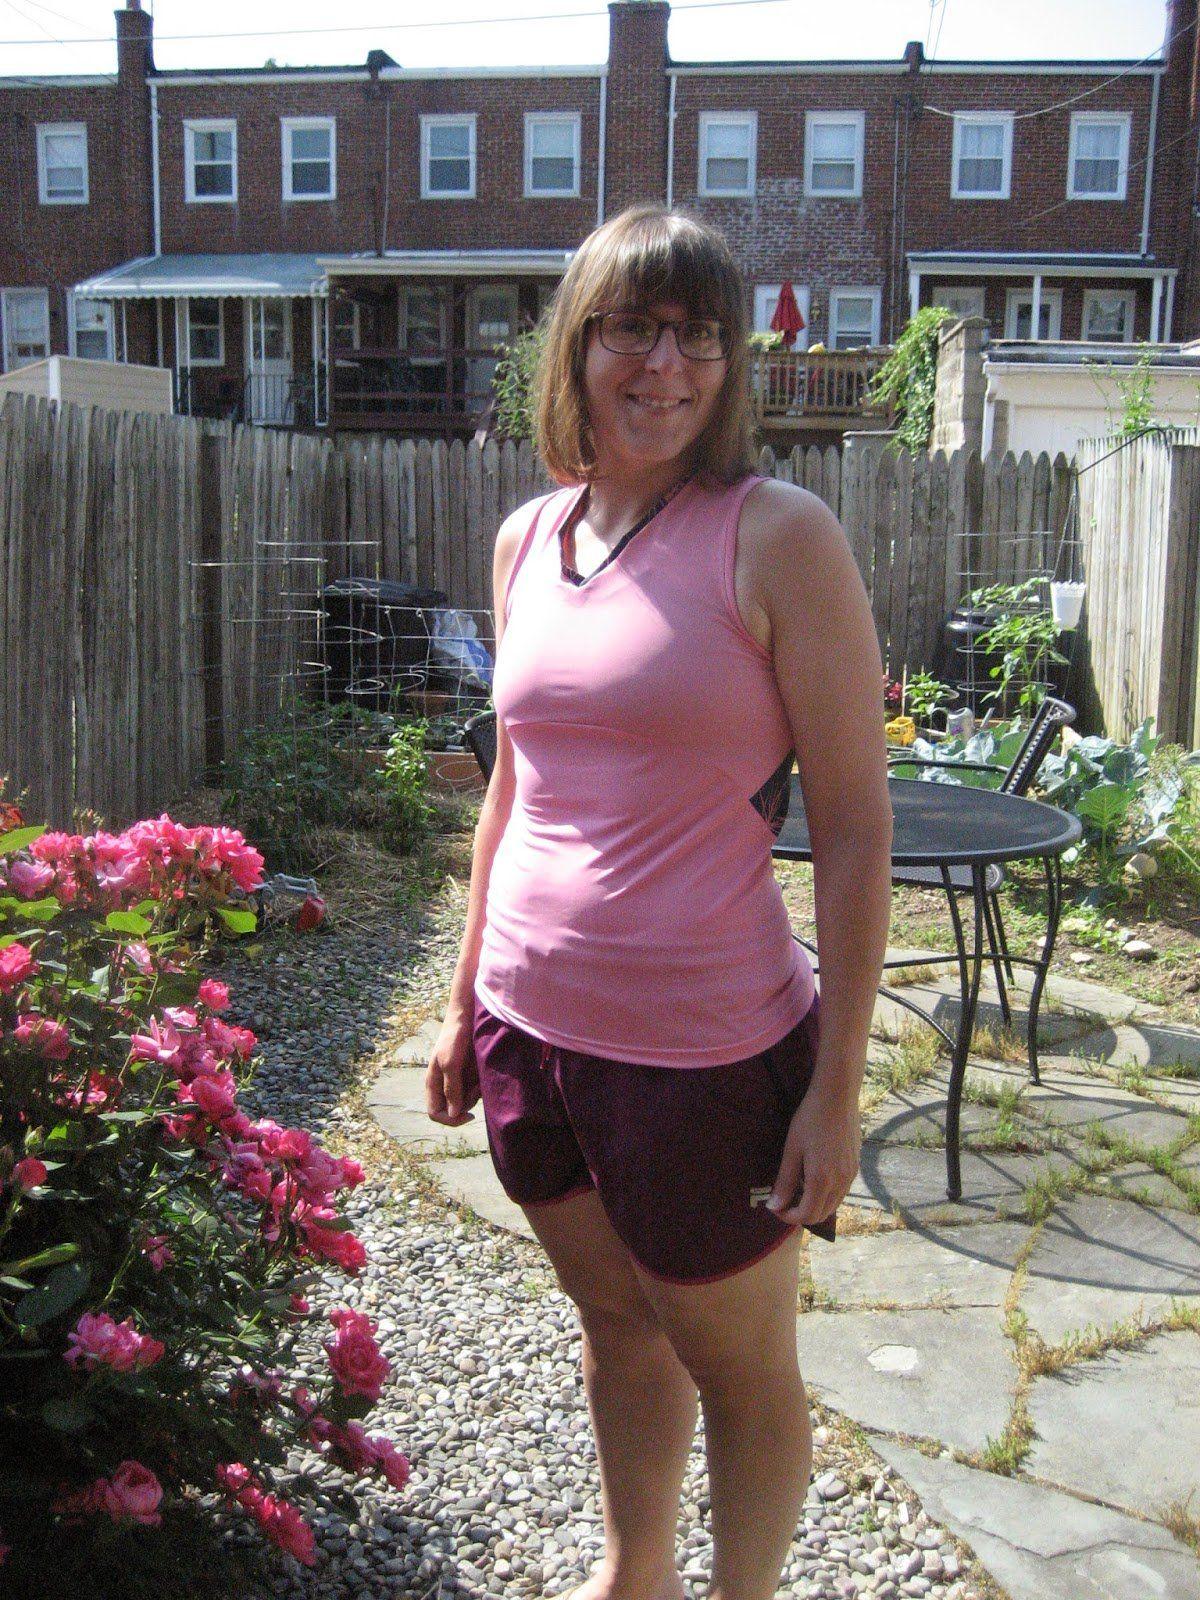 Amateur Blog Eroprofile www amateur blog com . porn galleries.